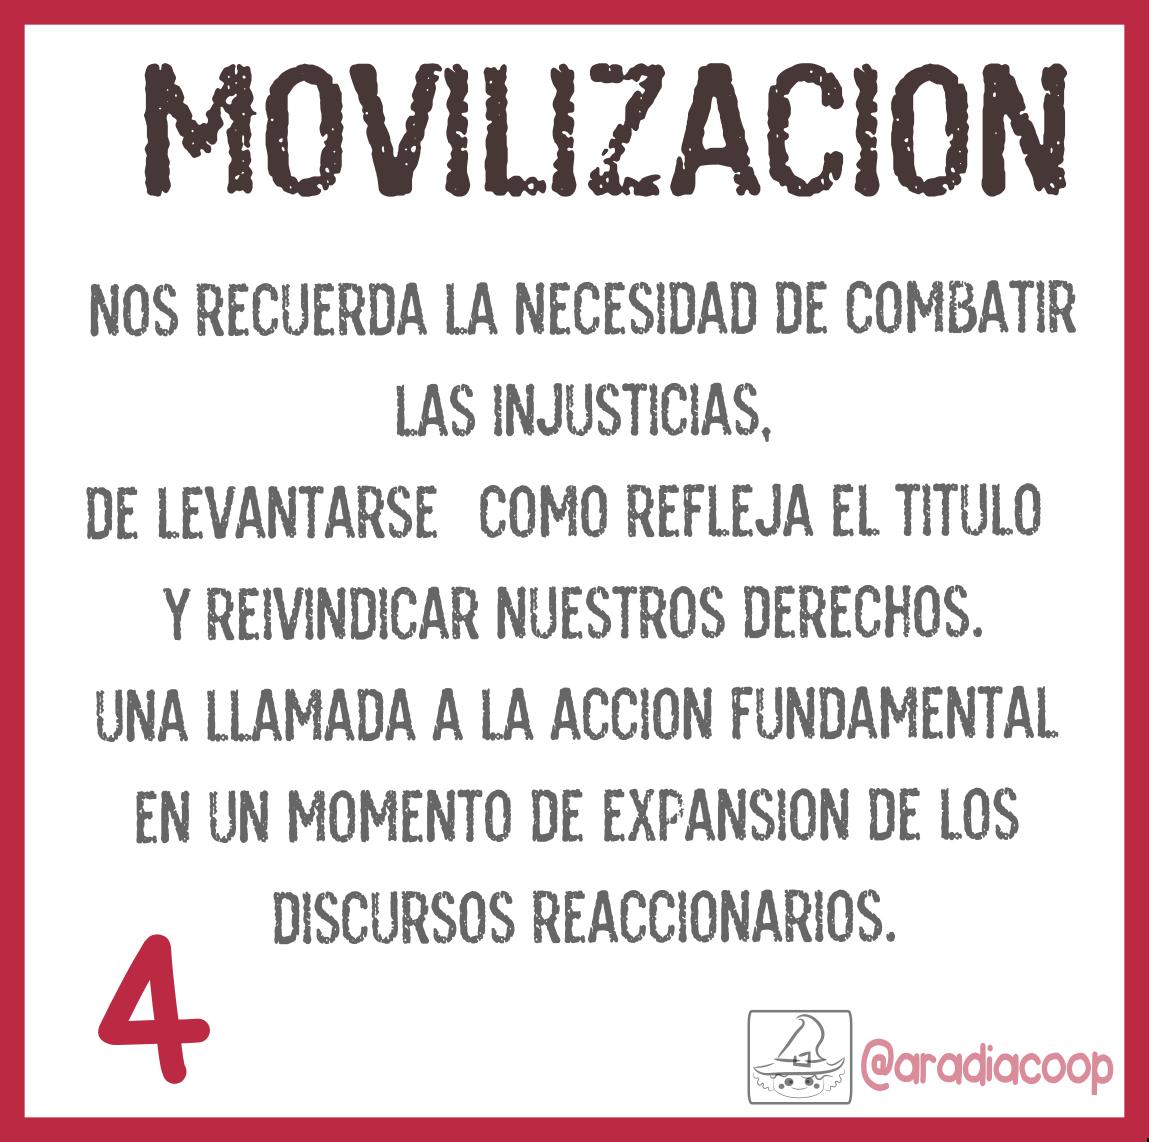 4. Movilización